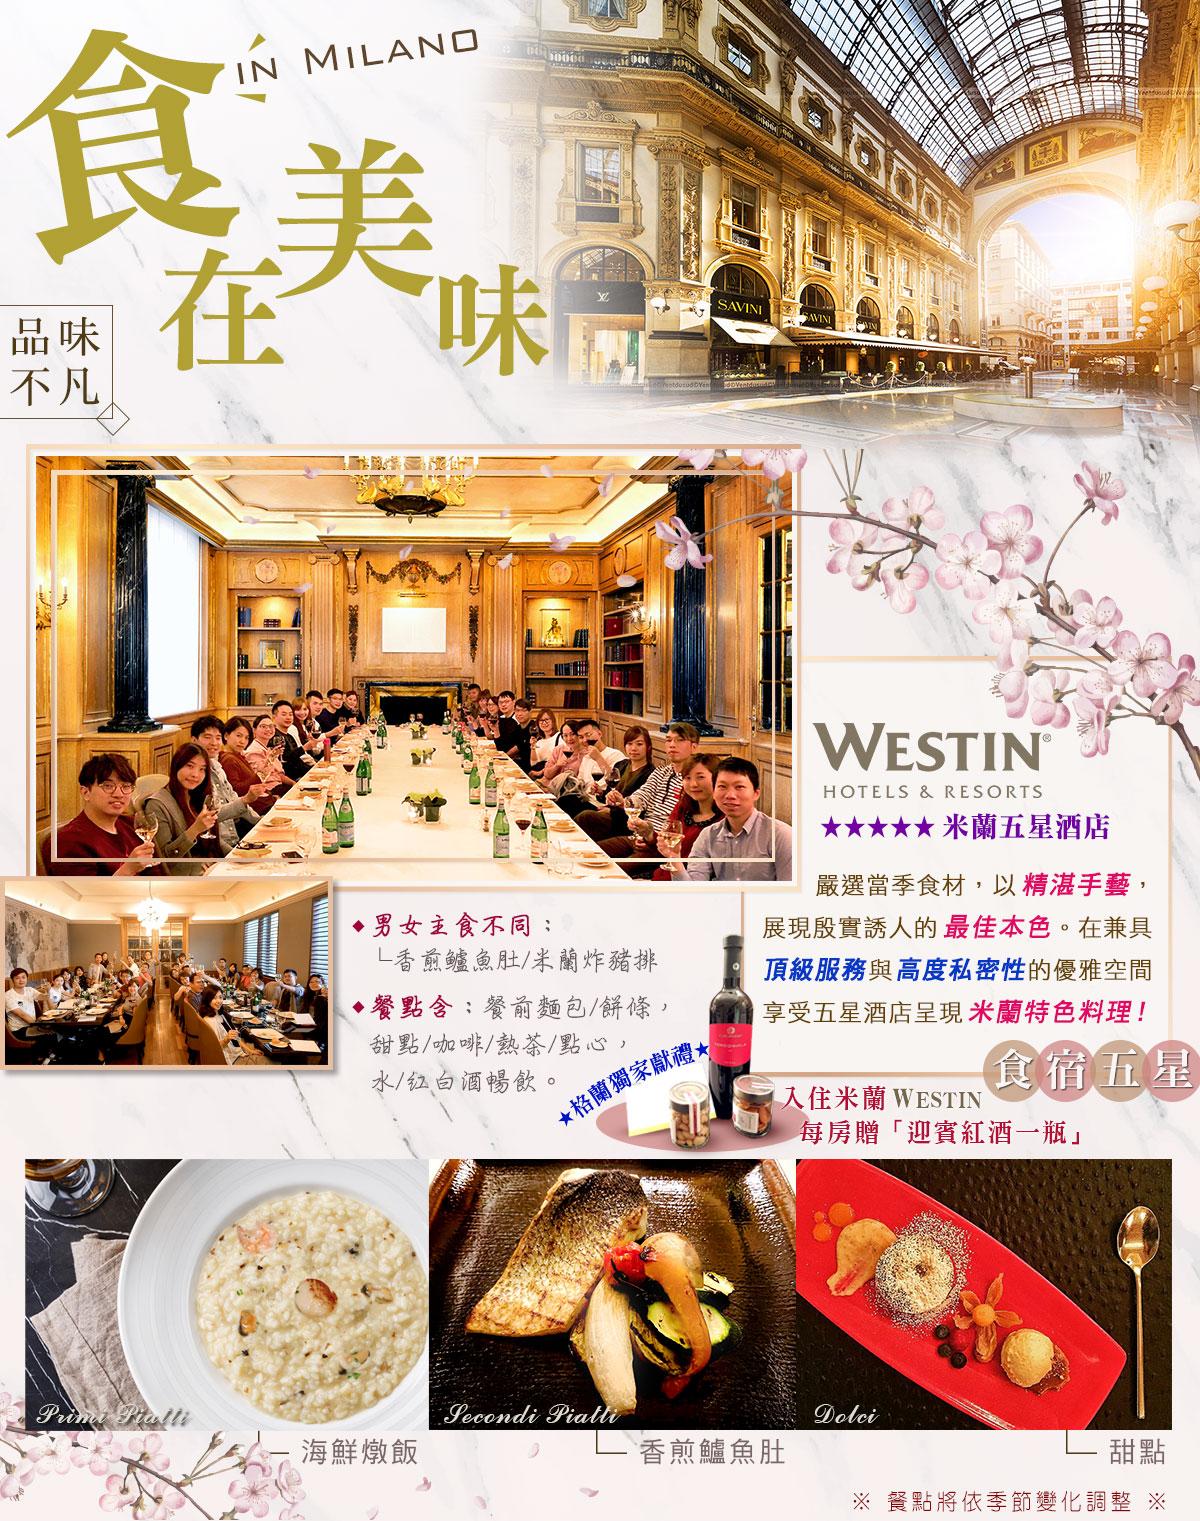 入住米蘭WESTIN五星酒店並在酒店內享用晚餐